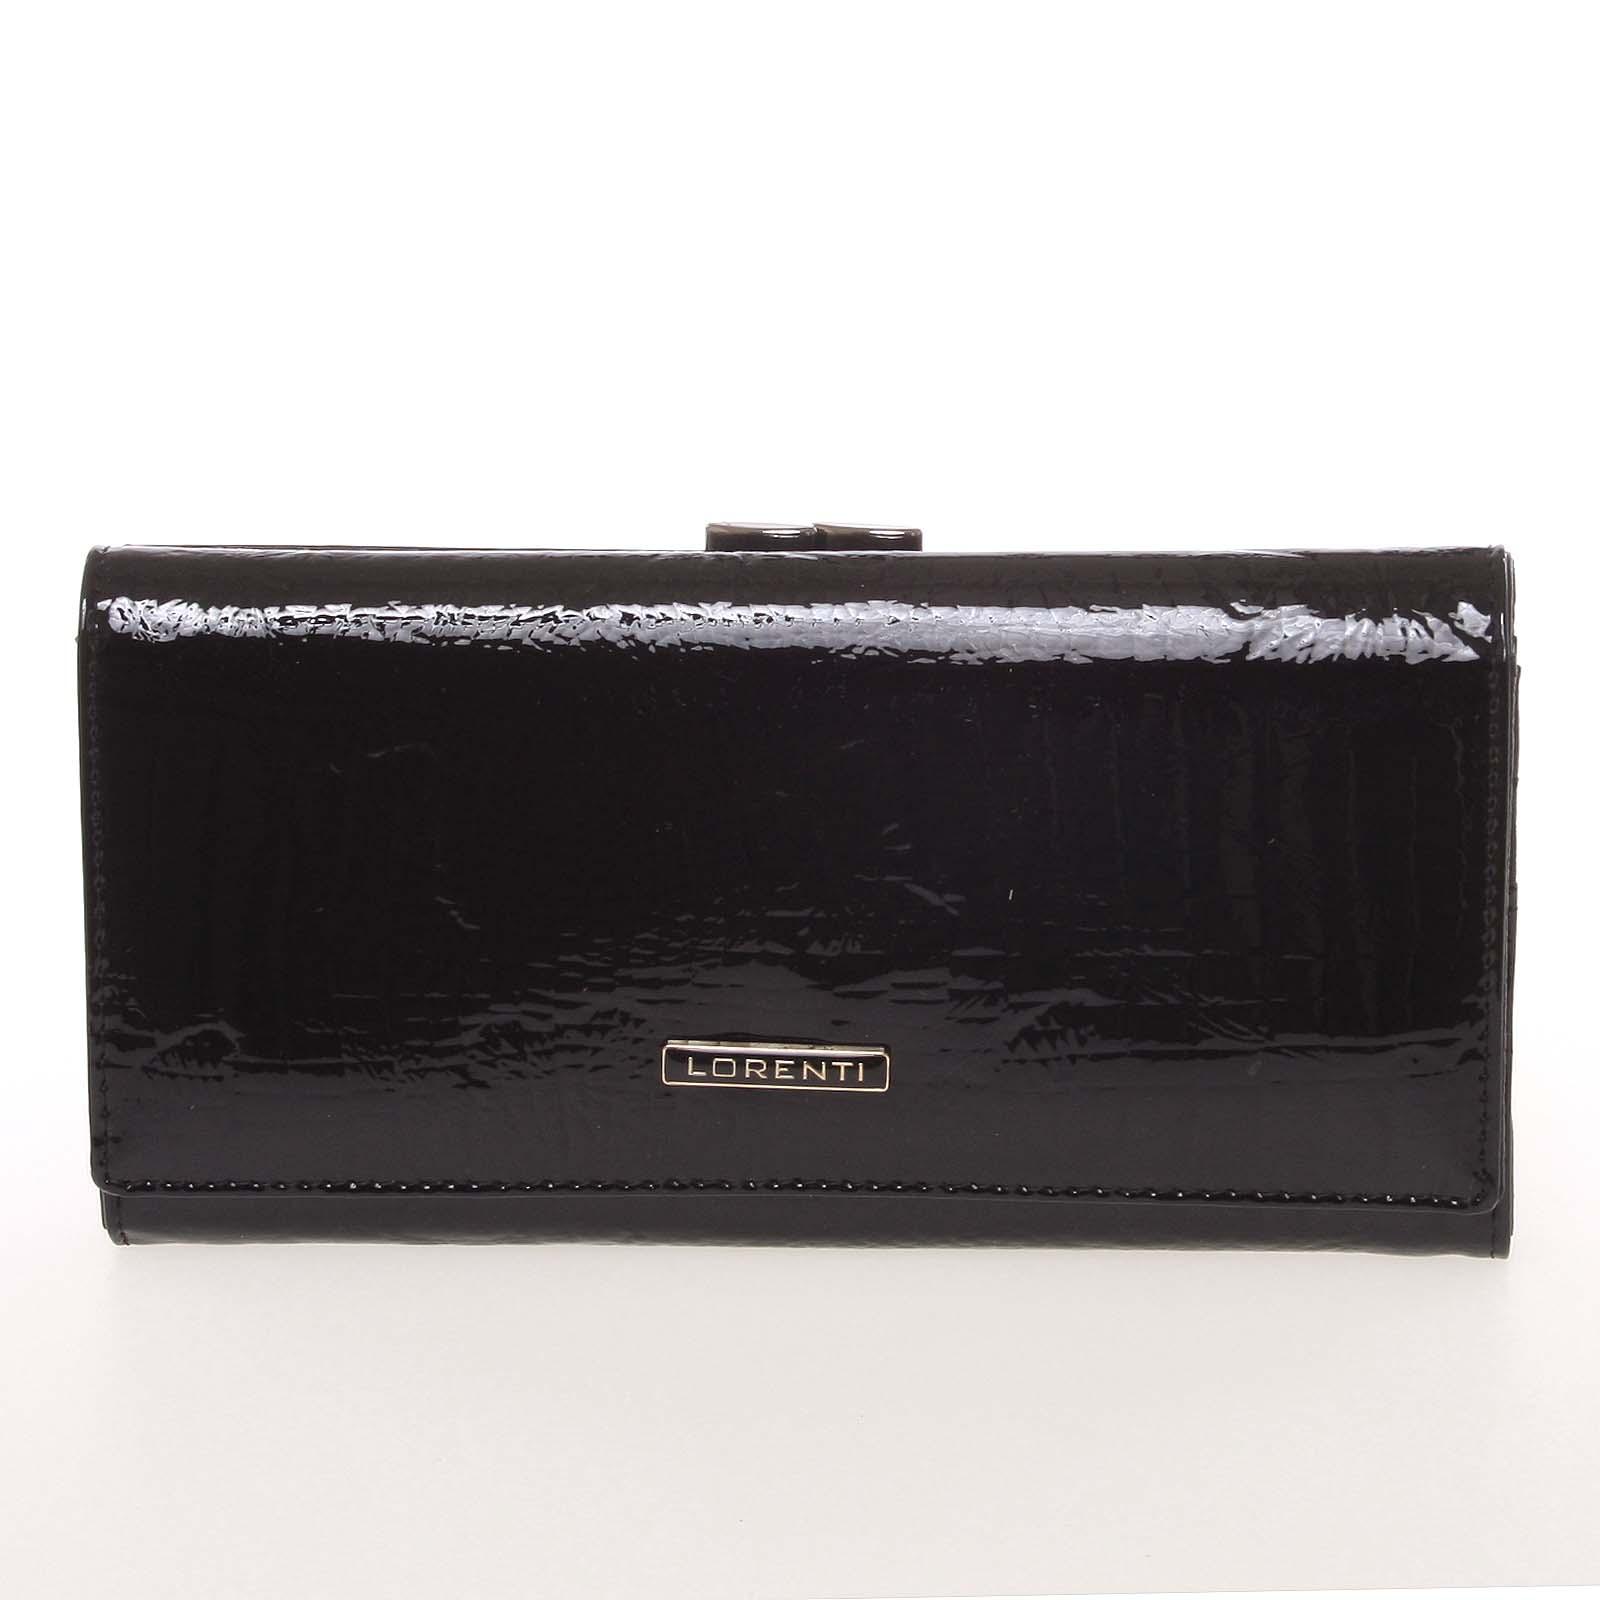 Lakovaná kožená černá peněženka s jemným vzorem - Lorenti 72031RSBF